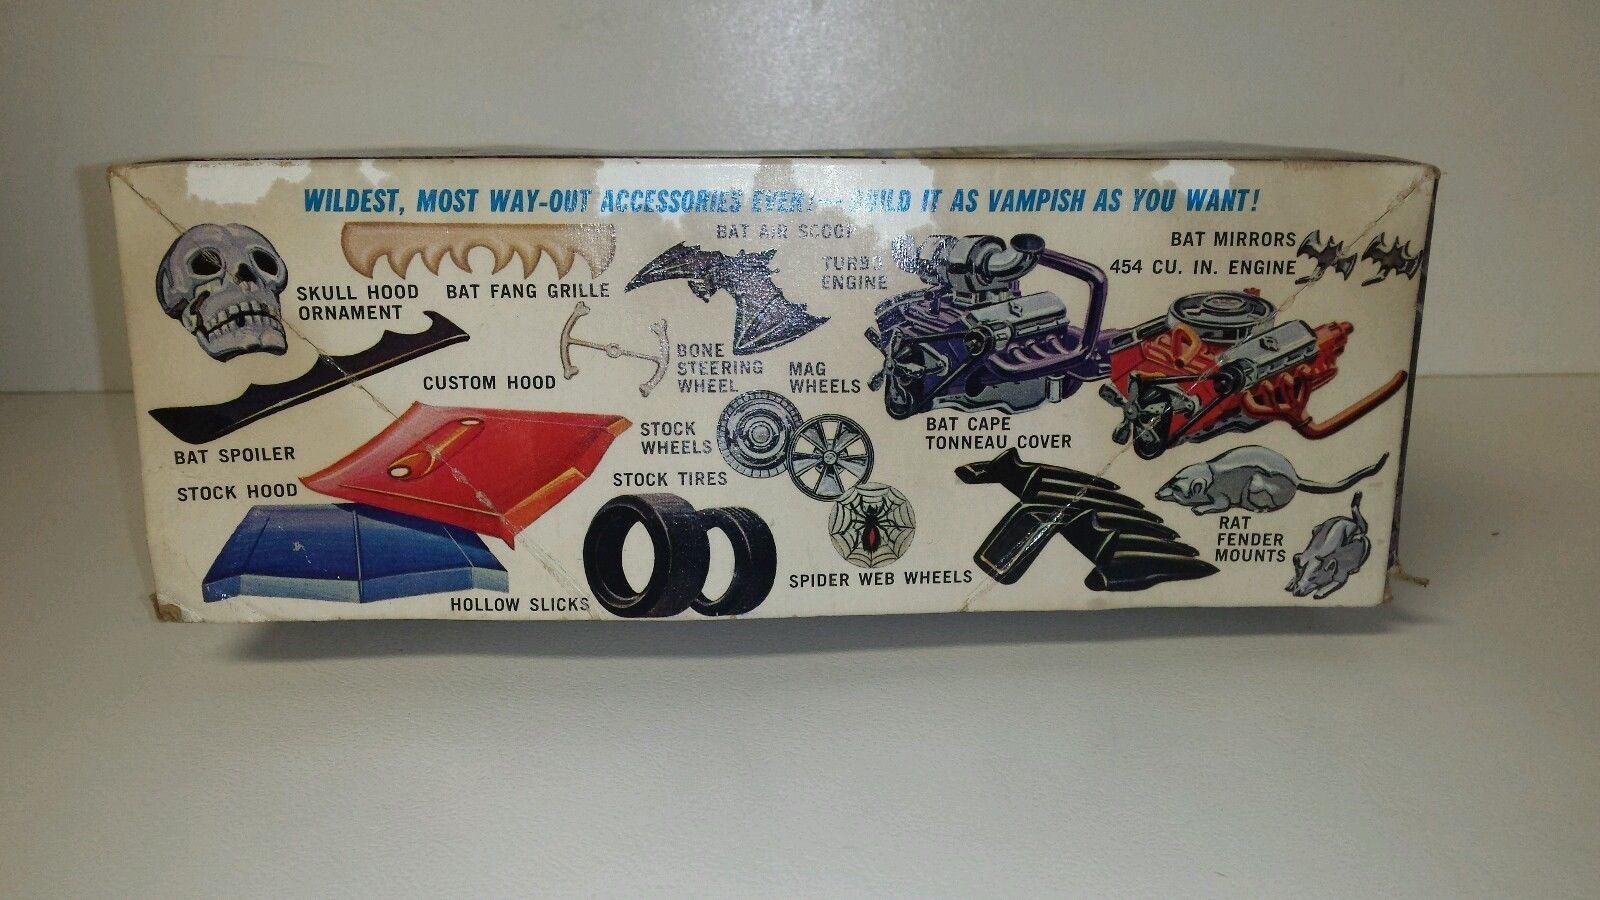 vintage-mpc-1970-chevy-impala_1_a1d34bbabf9a3da65cc8b20813b5629e (2).jpg